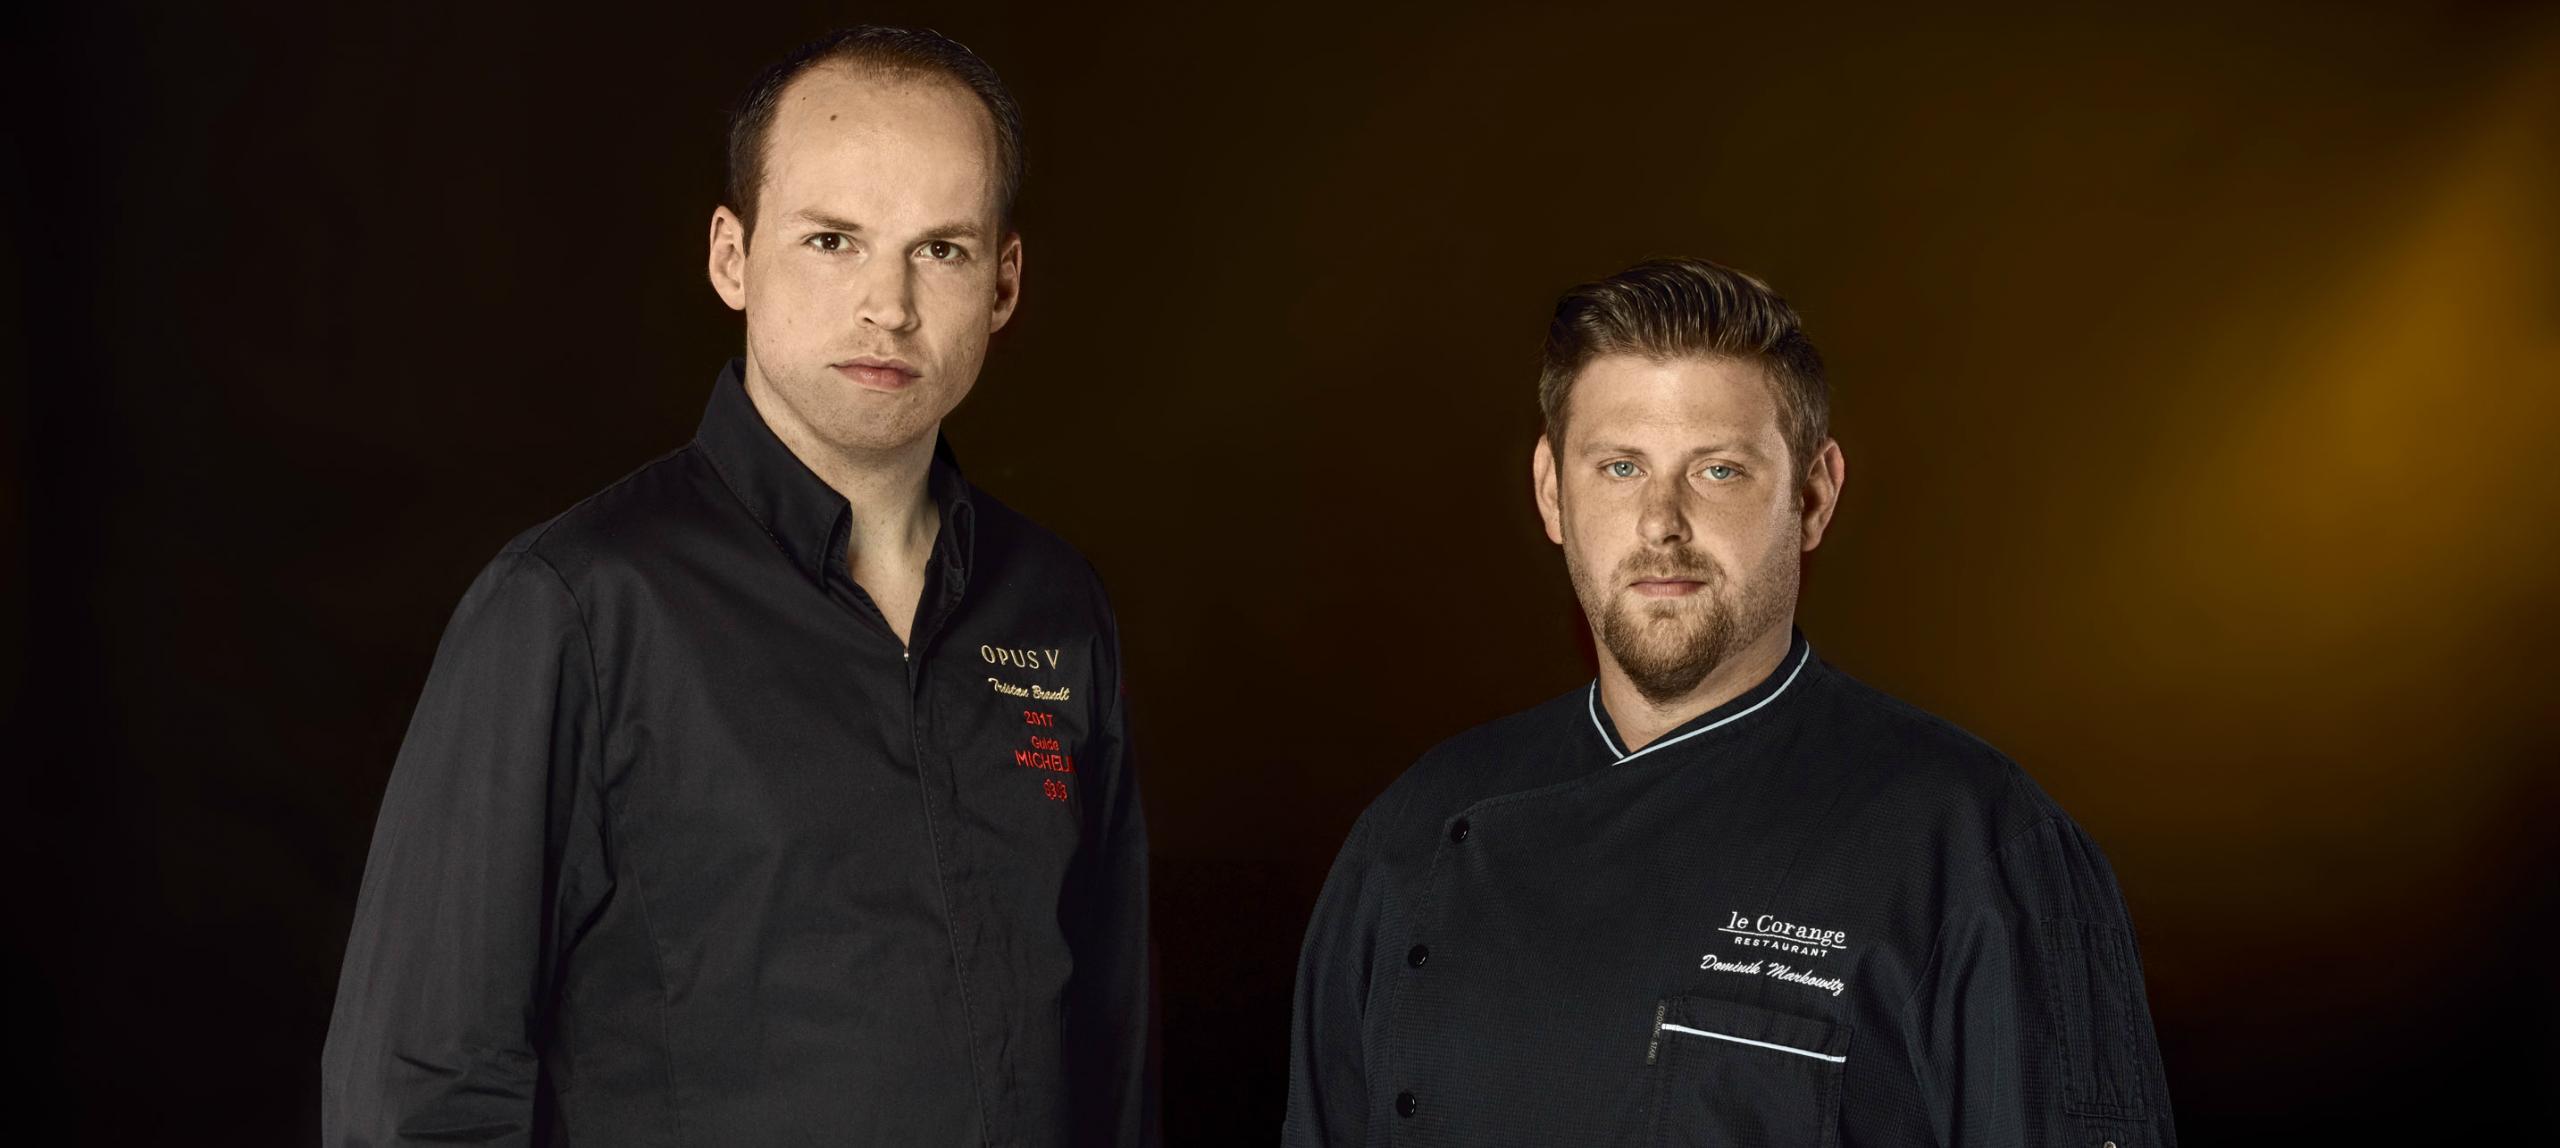 engelhorn Gastro: 2 Sterne verteidigt – 1 erarbeitet